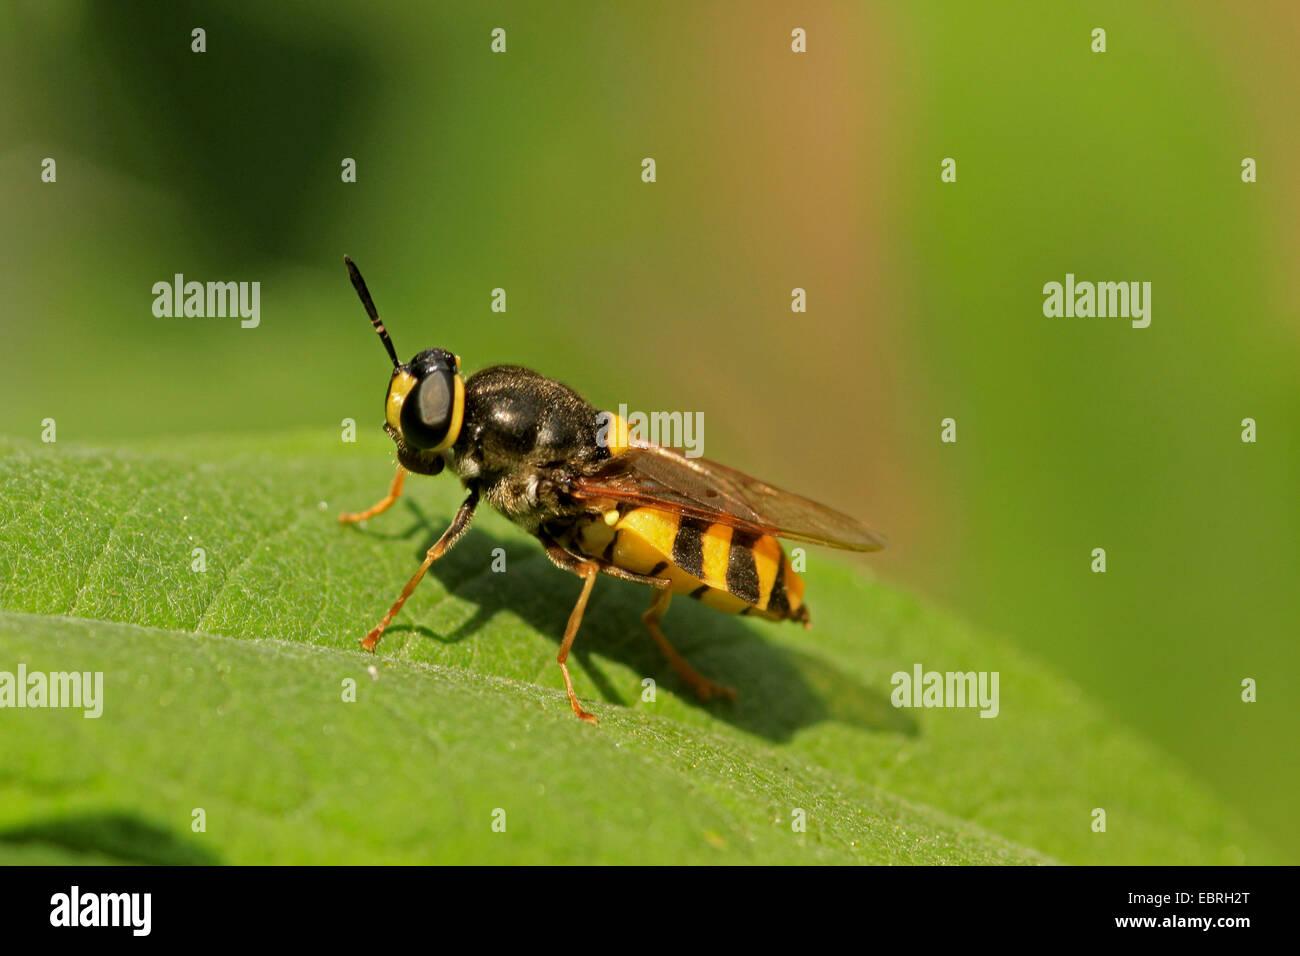 Soldat fliegt (Stratiomyidae), auf einem Blatt Stockbild